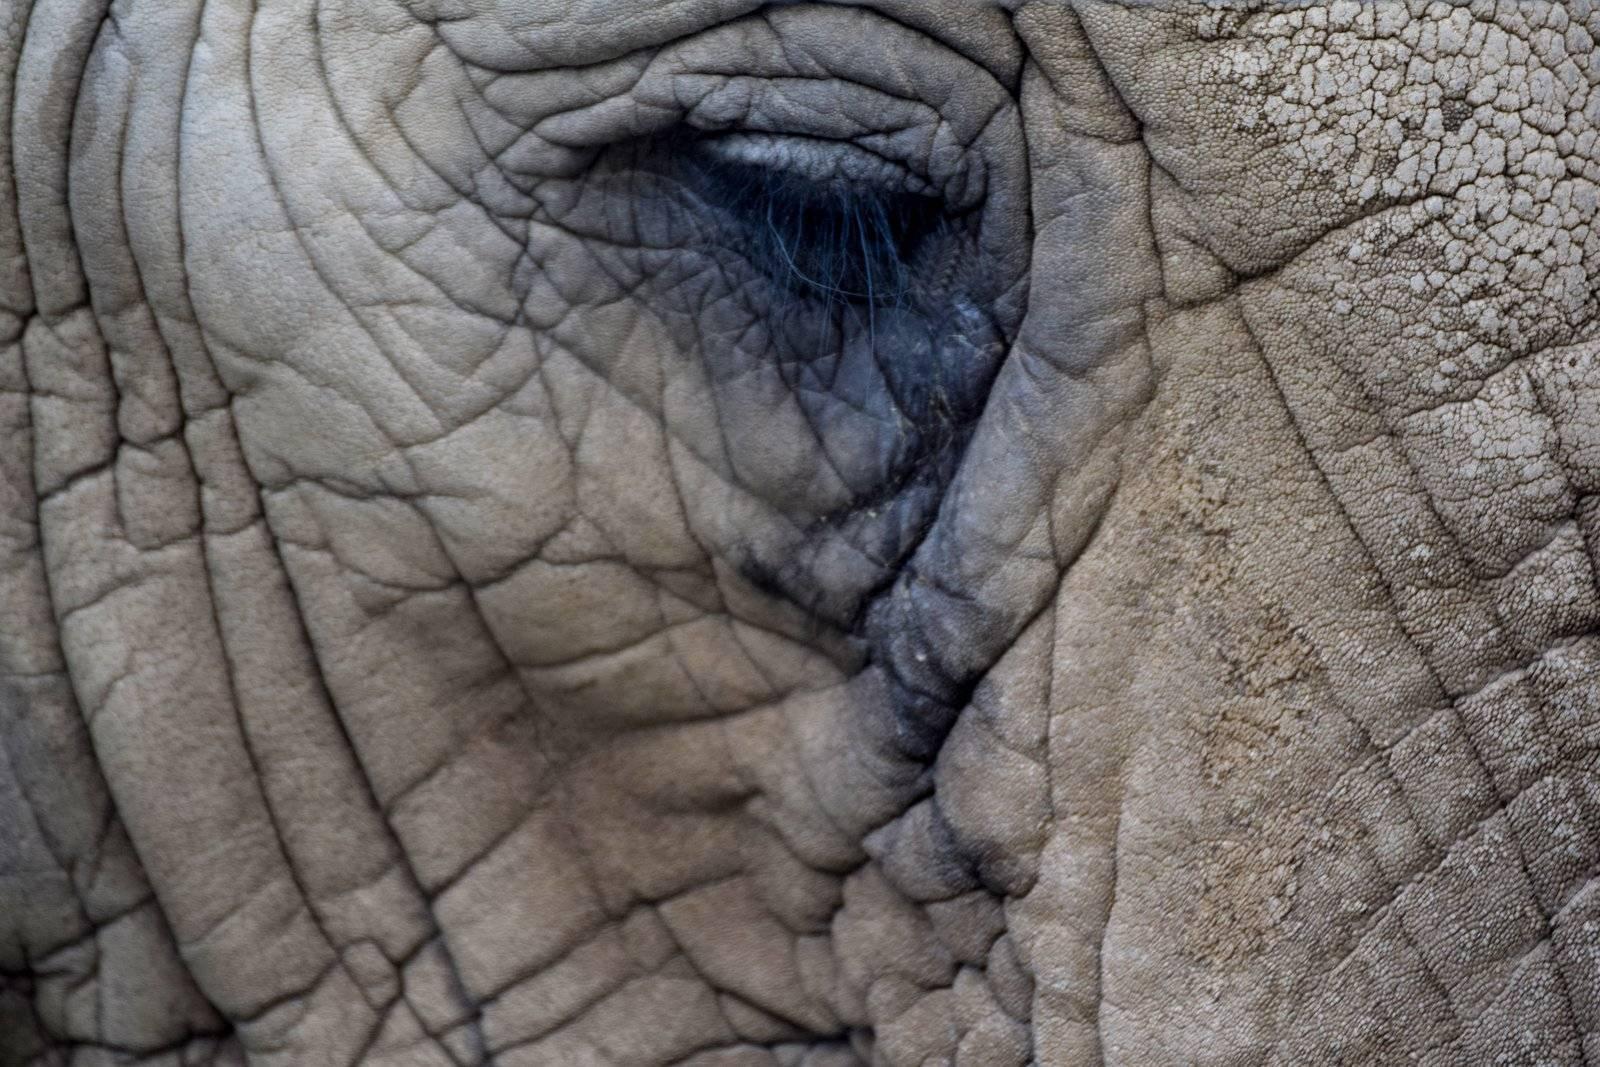 Elephant tears leave tracks